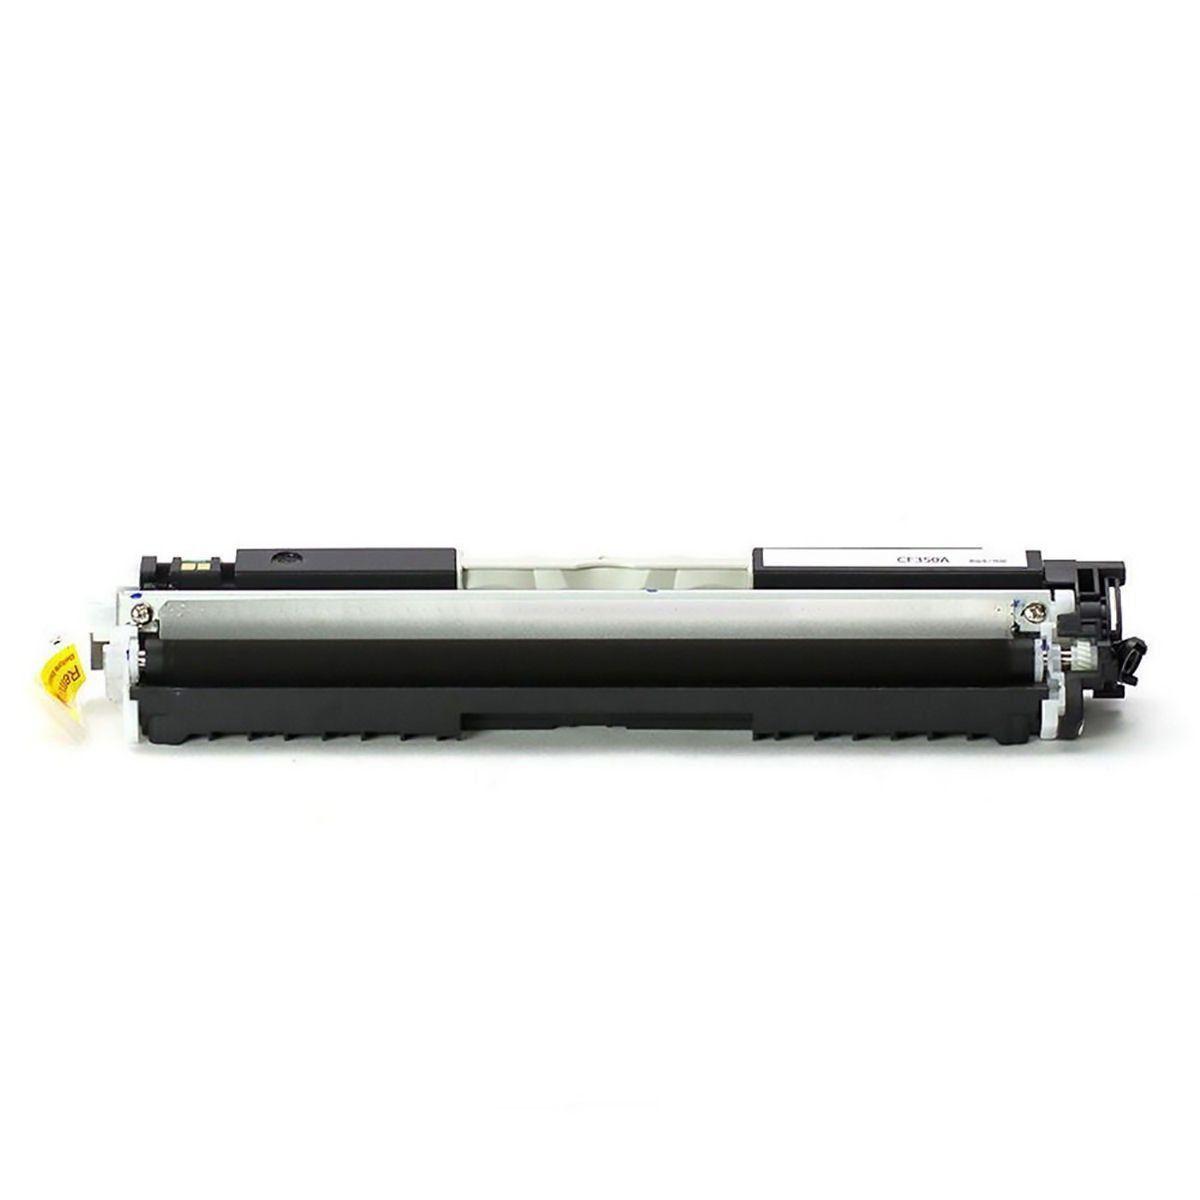 Toner compatível com HP CE310A UNIVERSAL 310A 126A CP1020 CP1020WN CP1025 M175A Black 1.200 Páginas - Cartucho & Cia